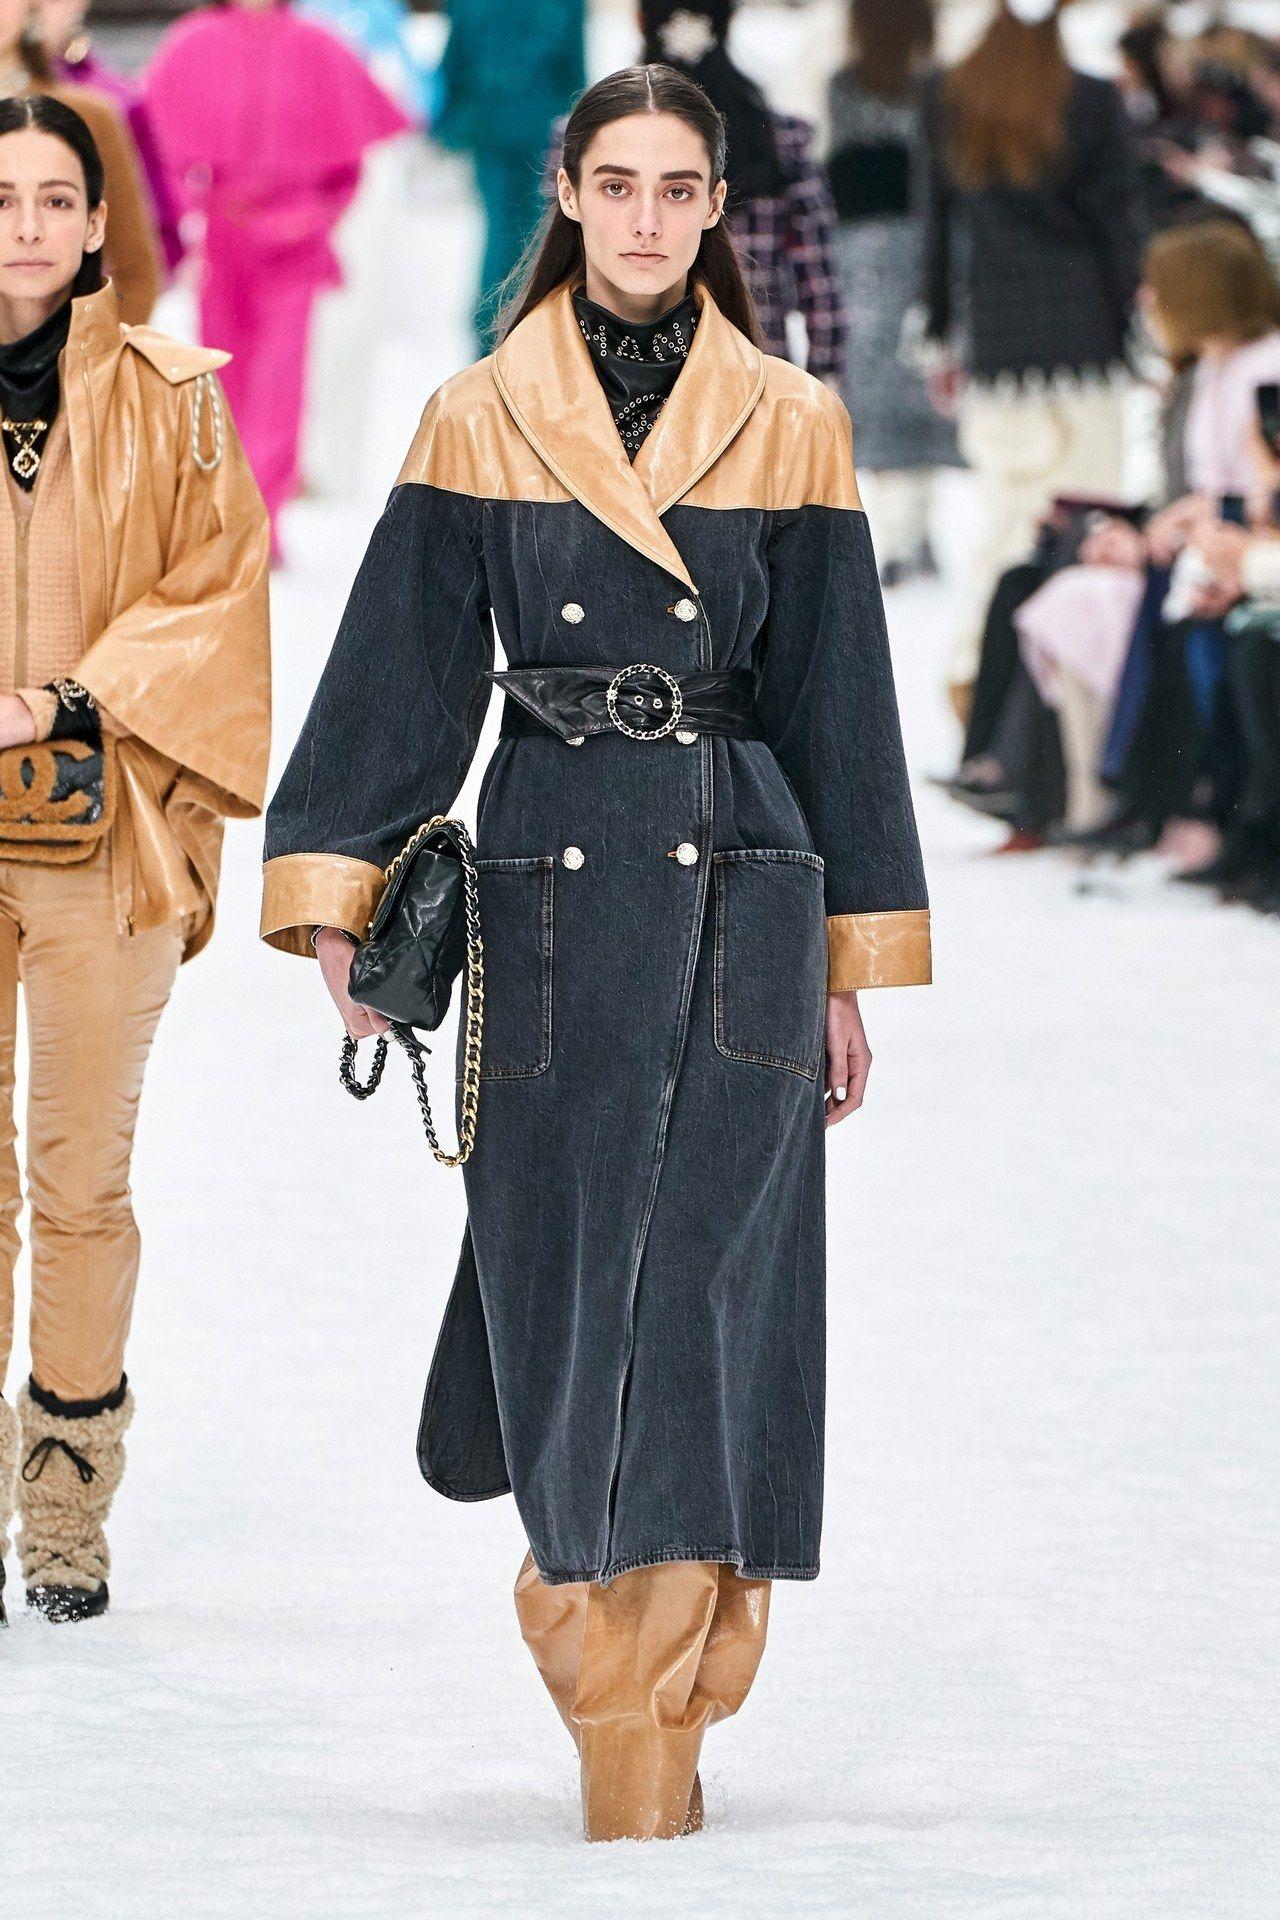 Chanel Herbst/Winter 2019-2020 Ready-to-Wear – Kollektion | Vogue Germany